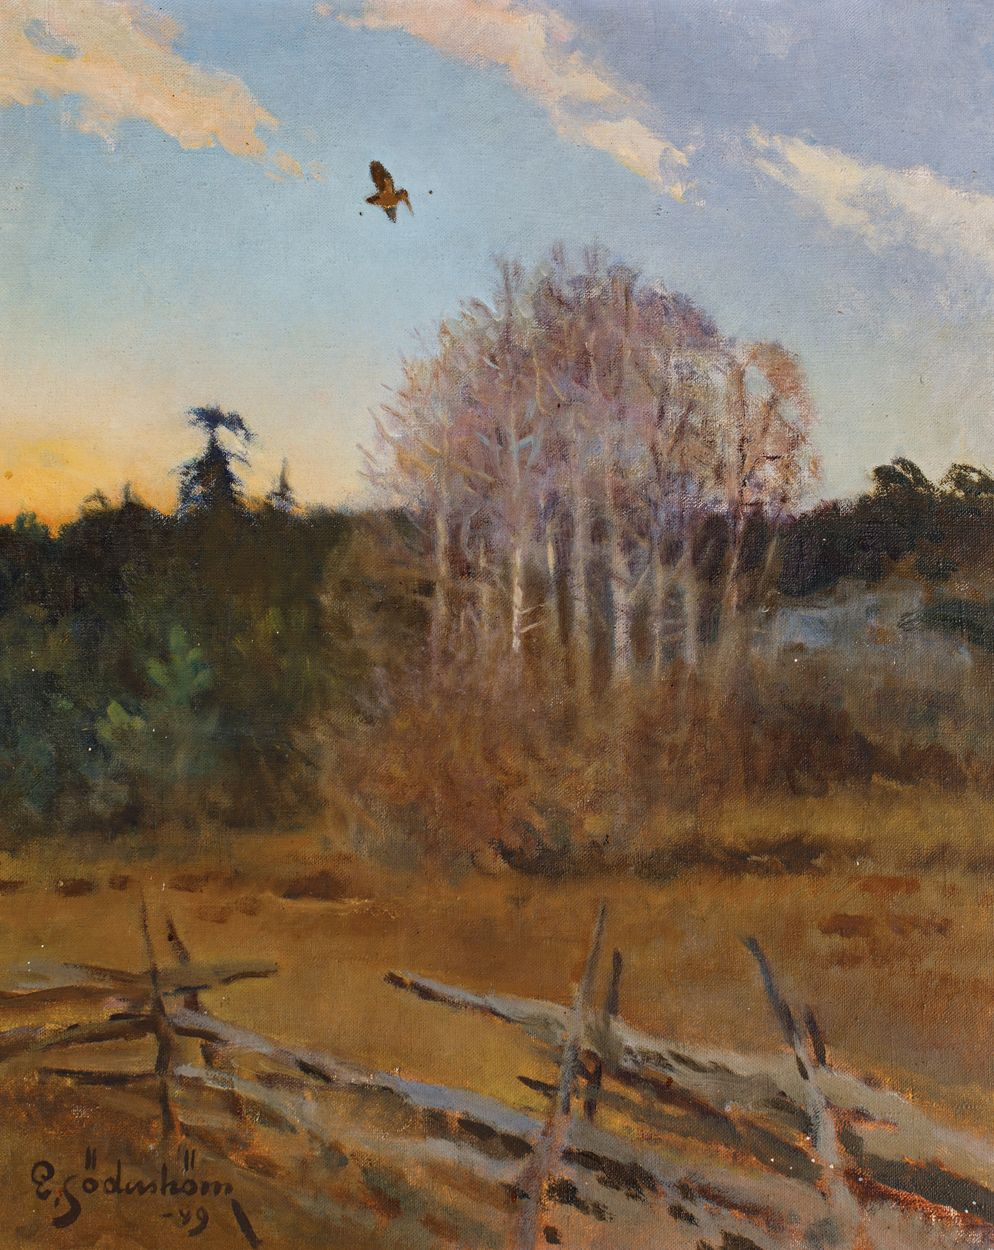 OLCHOWY ZAGAJNIK, 1949